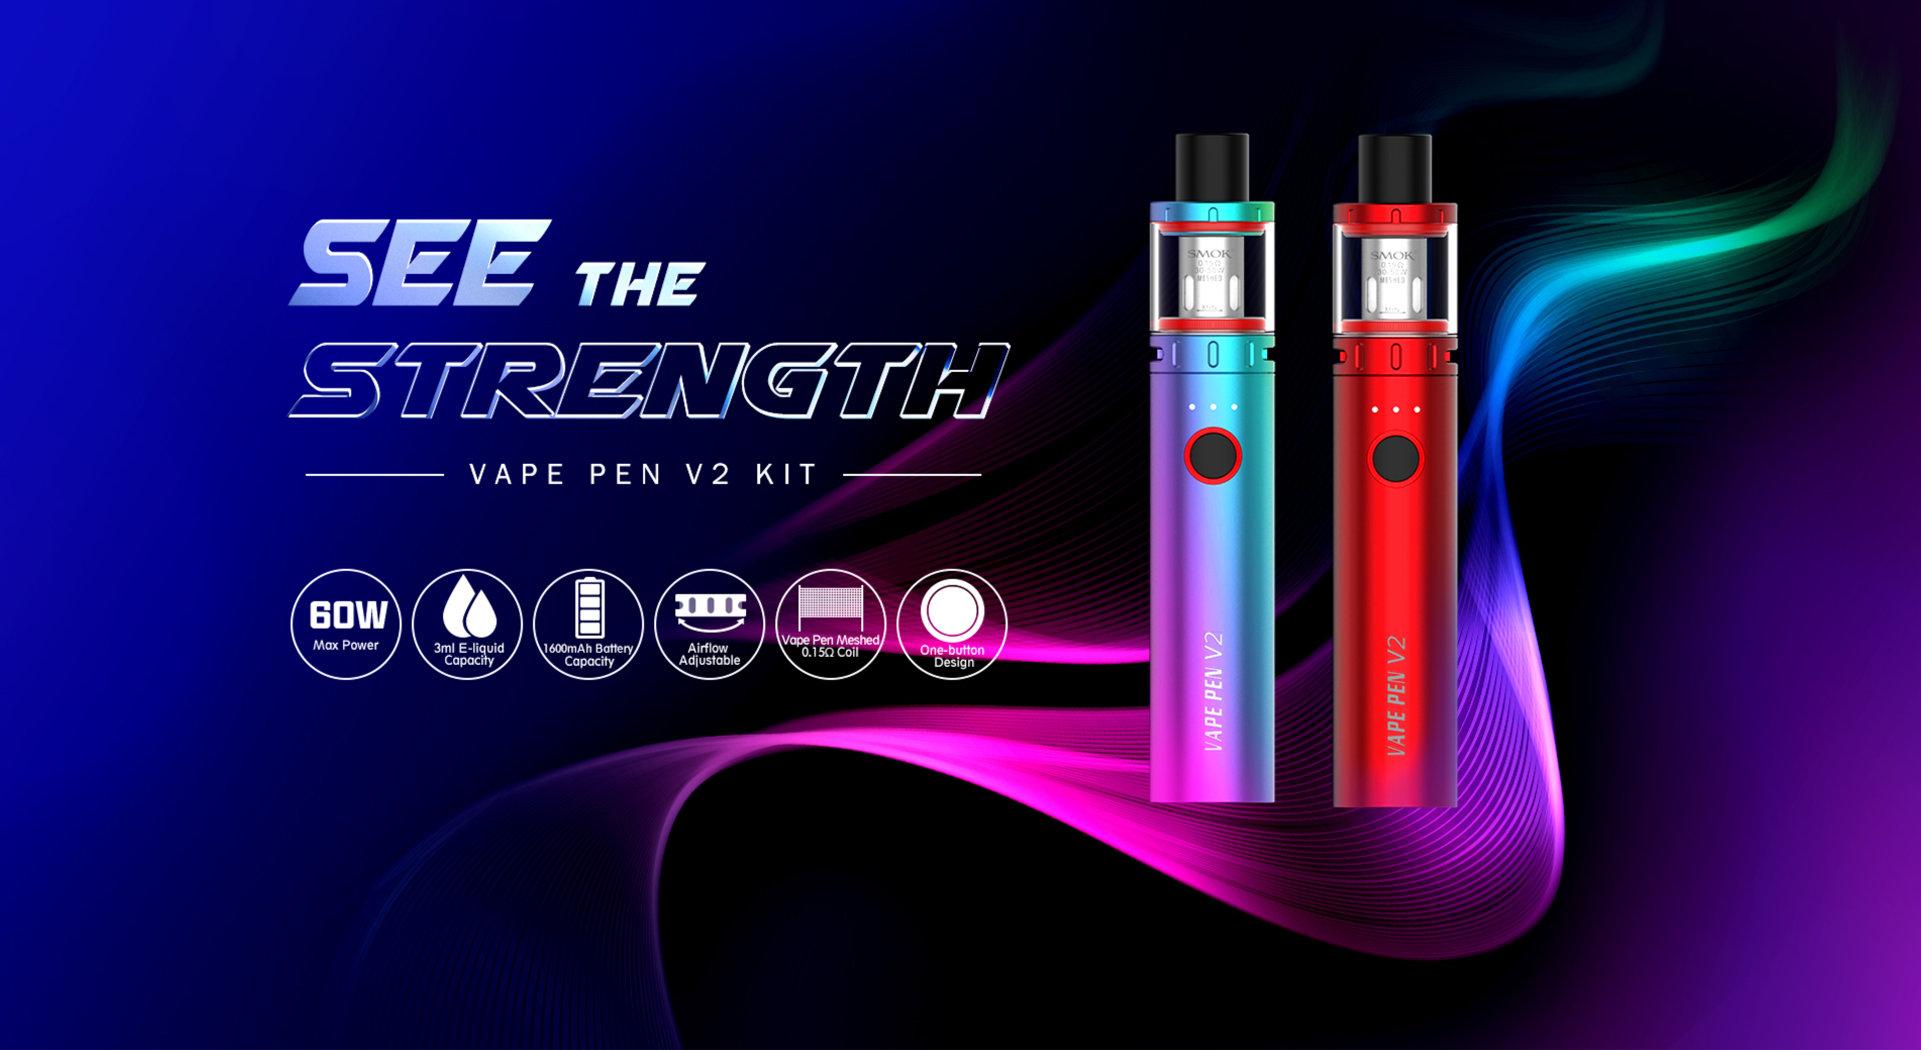 KIT VAPE PEN 22 V2 1600MAH - SMOK